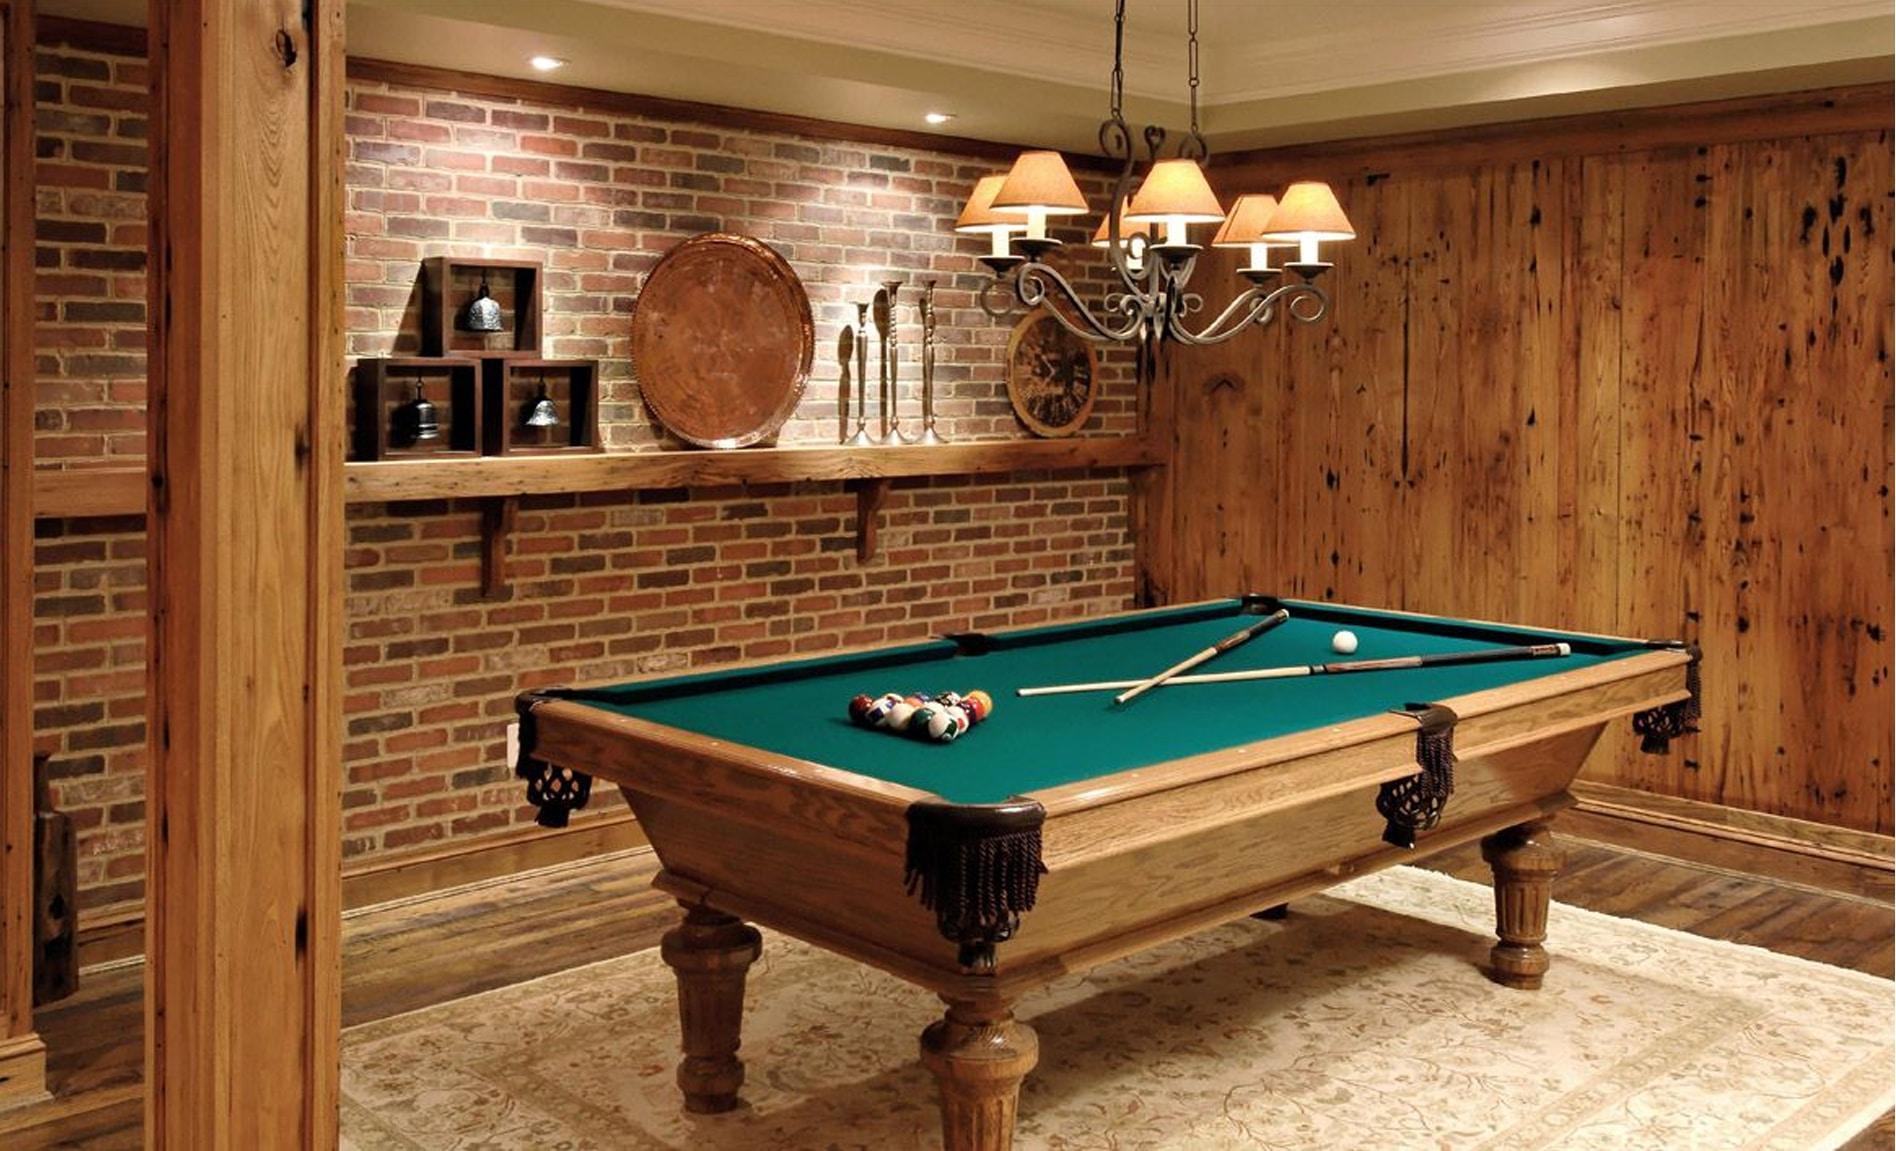 Slider Pool Tables Game Room Furniture In Scottsdale - Pool table sliders